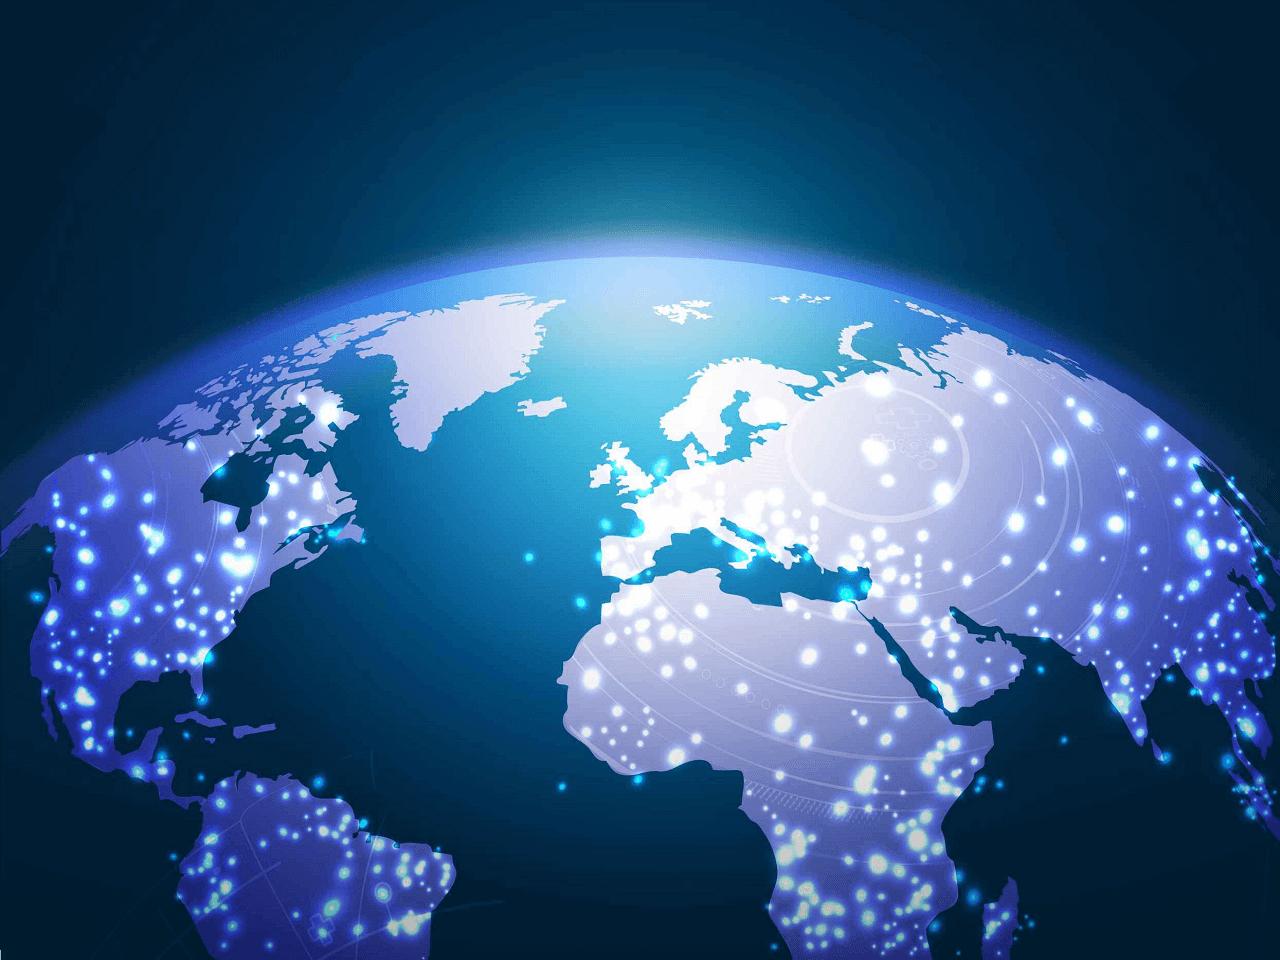 DTÖ Gelişme Yolundaki Ülkelere Yönelik Özel Teşvik Düzenlemelerini Görüşüyor